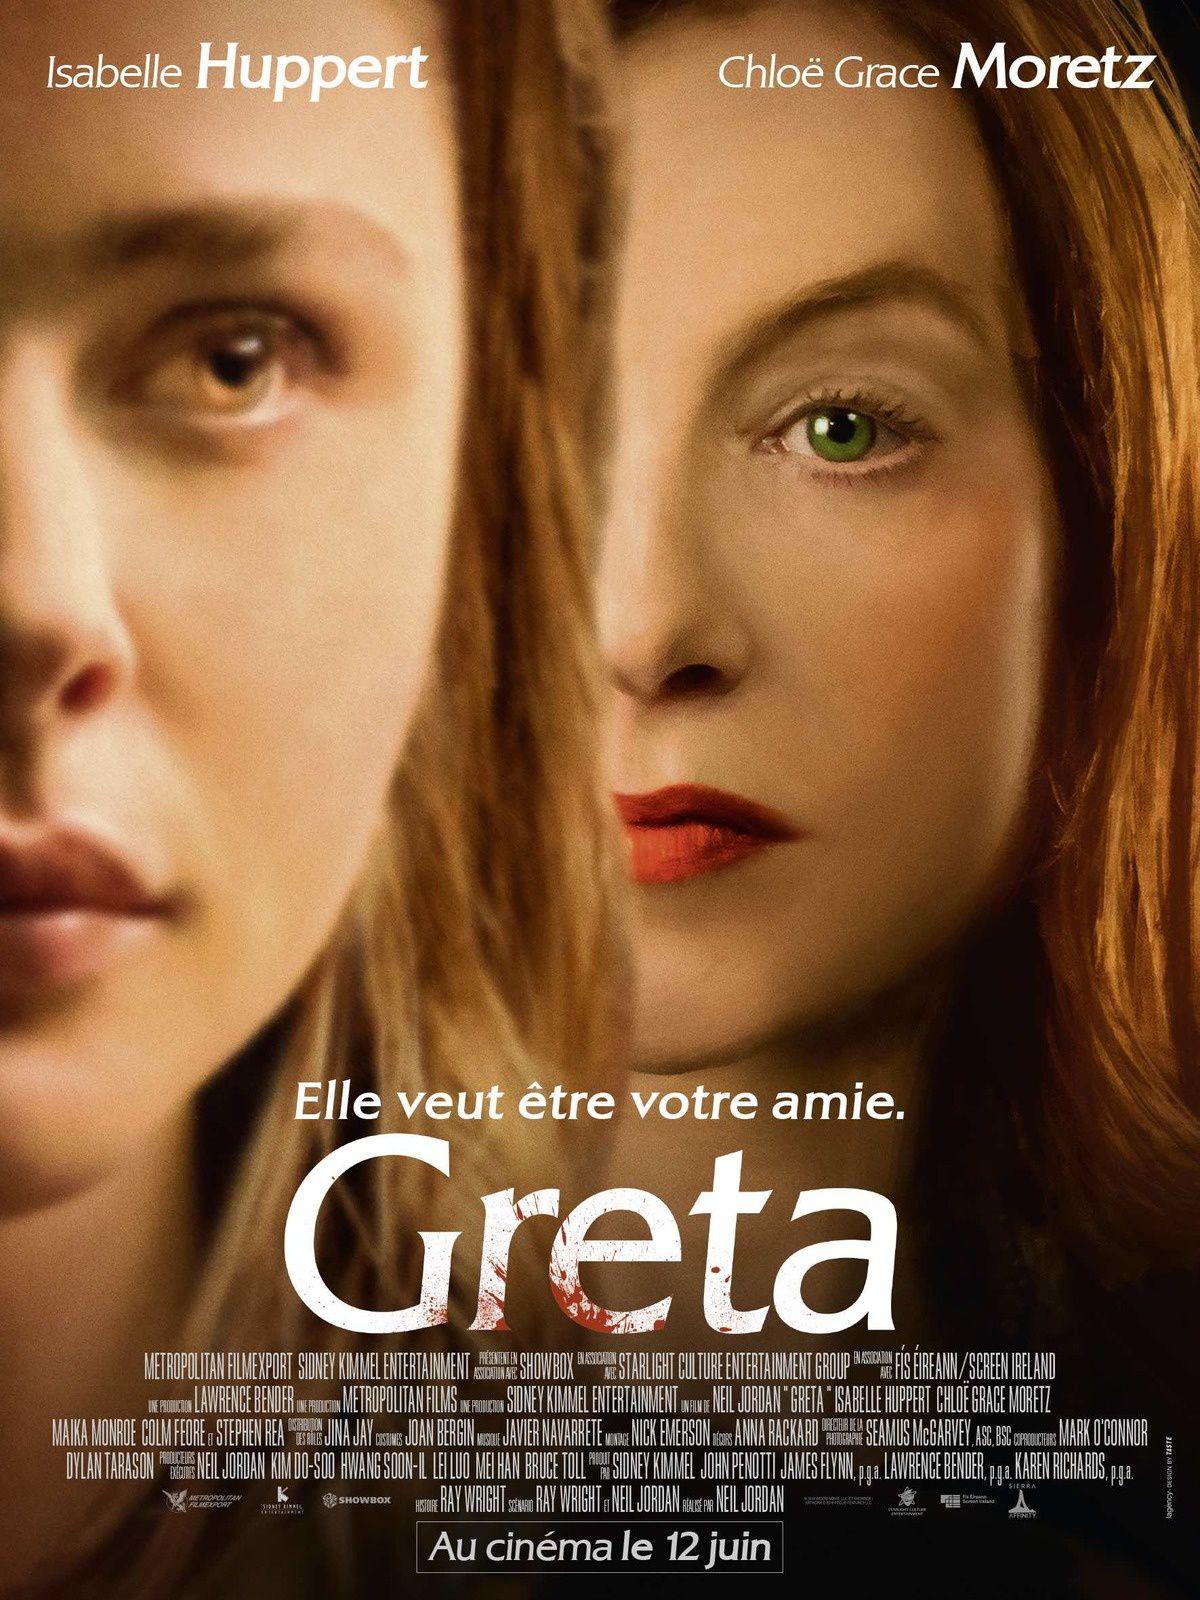 GRETA (BANDE-ANNONCE) avec Isabelle Huppert, Chloë Grace Moretz - Le 12 juin 2019 au cinéma